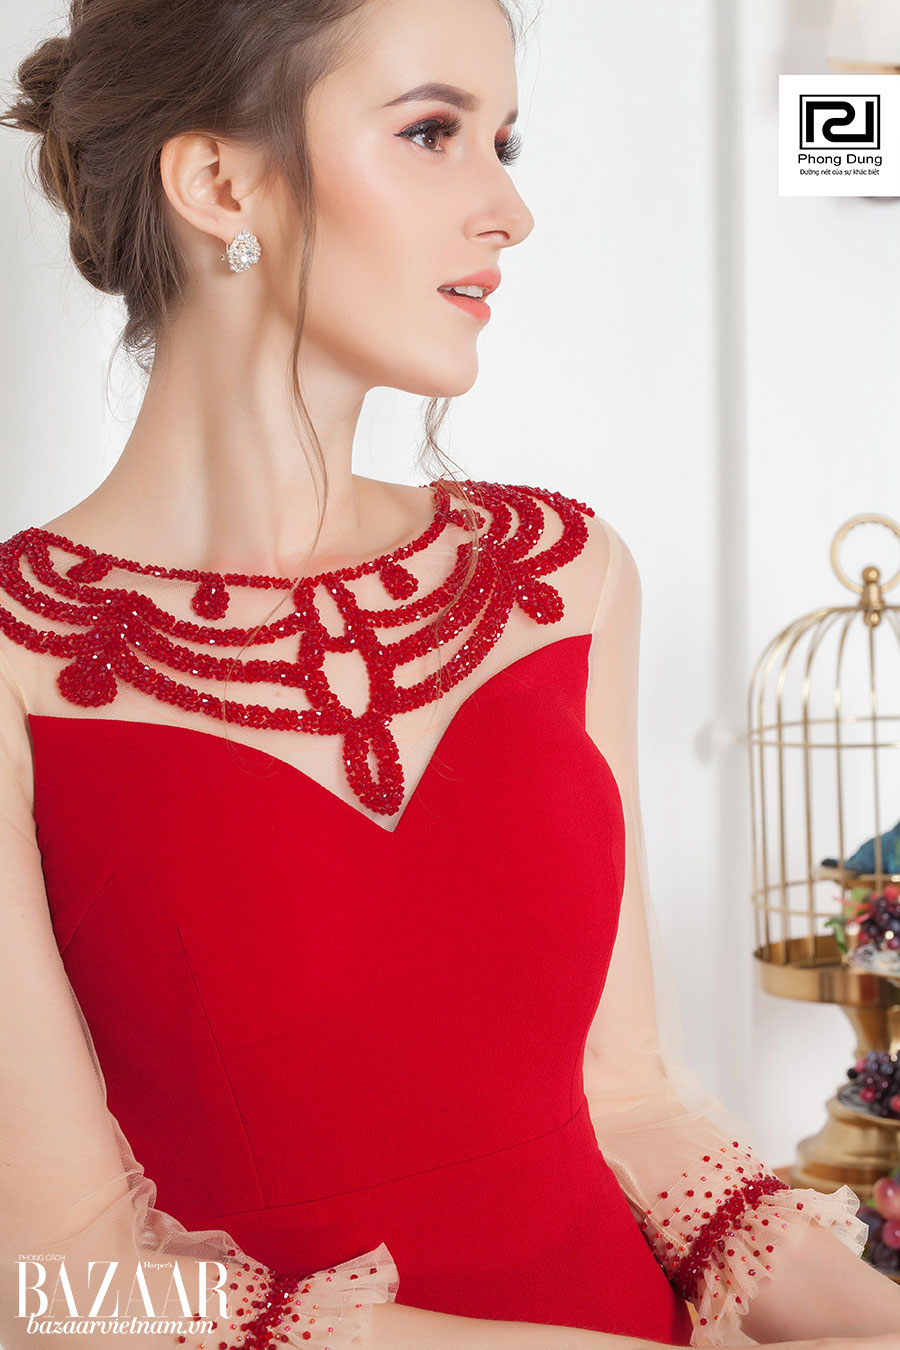 Bạn có thể tìm mua trang phục của Phong Dung qua mạng